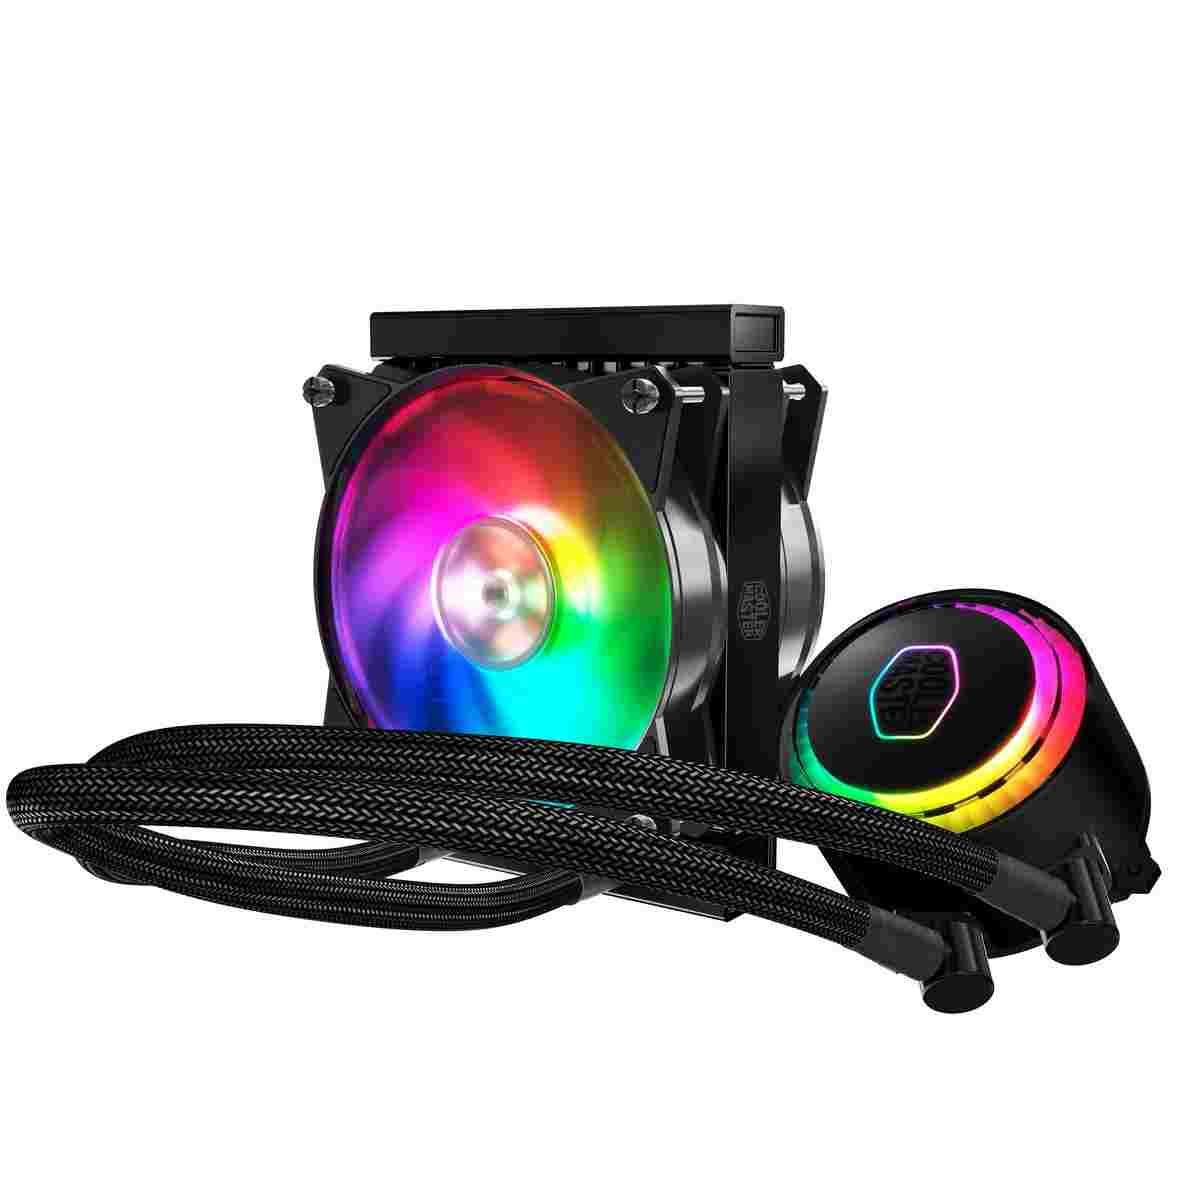 Cooler Master MasterLiquid 120R RGB to dobre chłodzenie wodne.